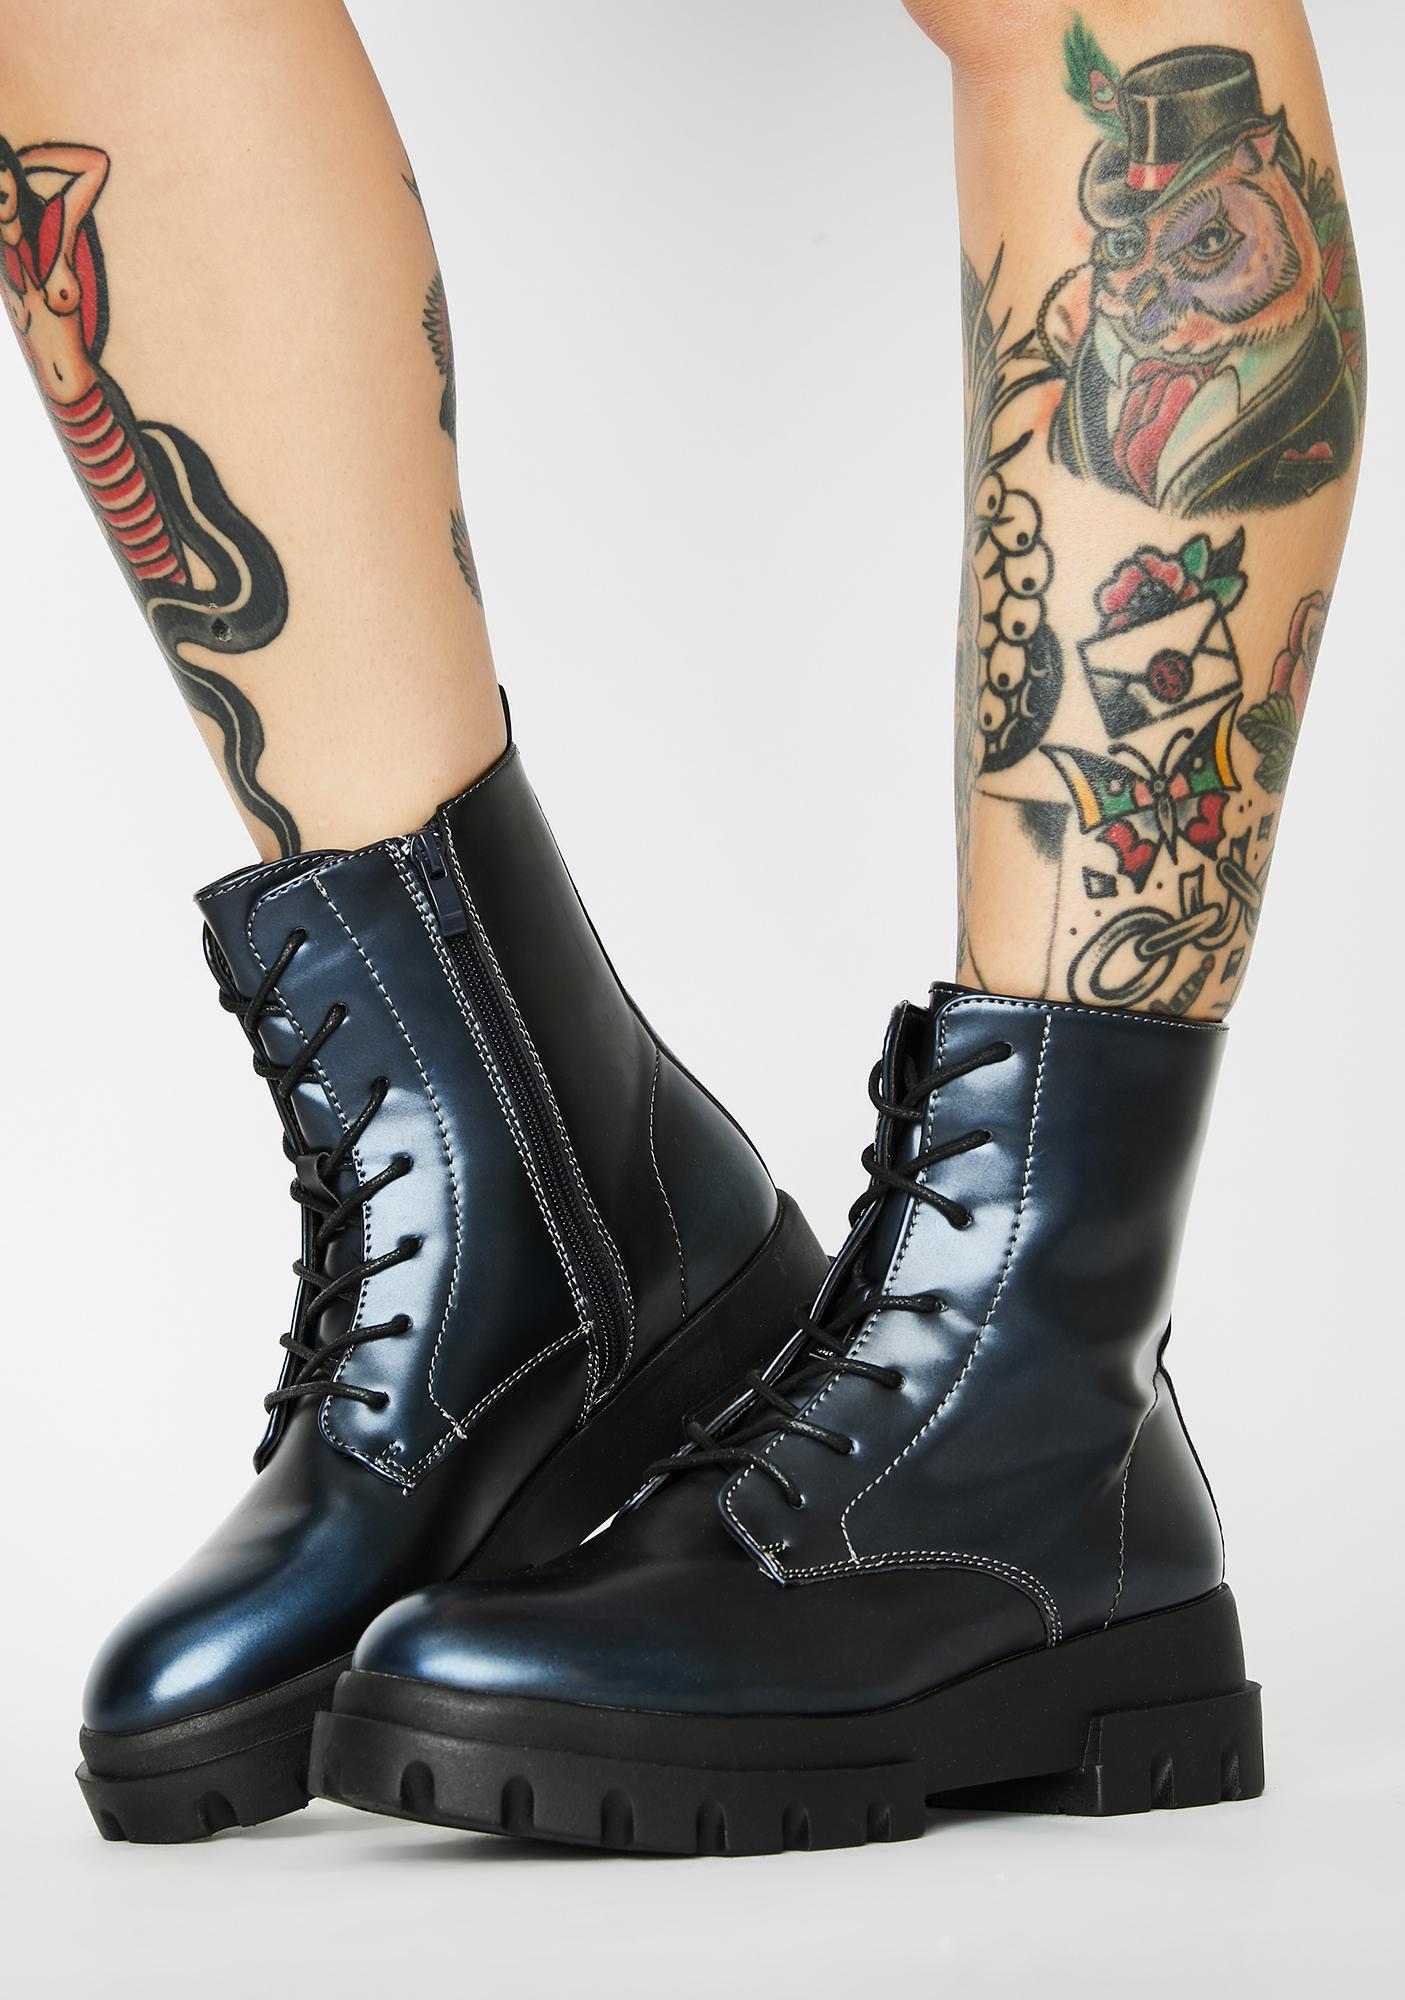 Reloaded Remix Combat Boots